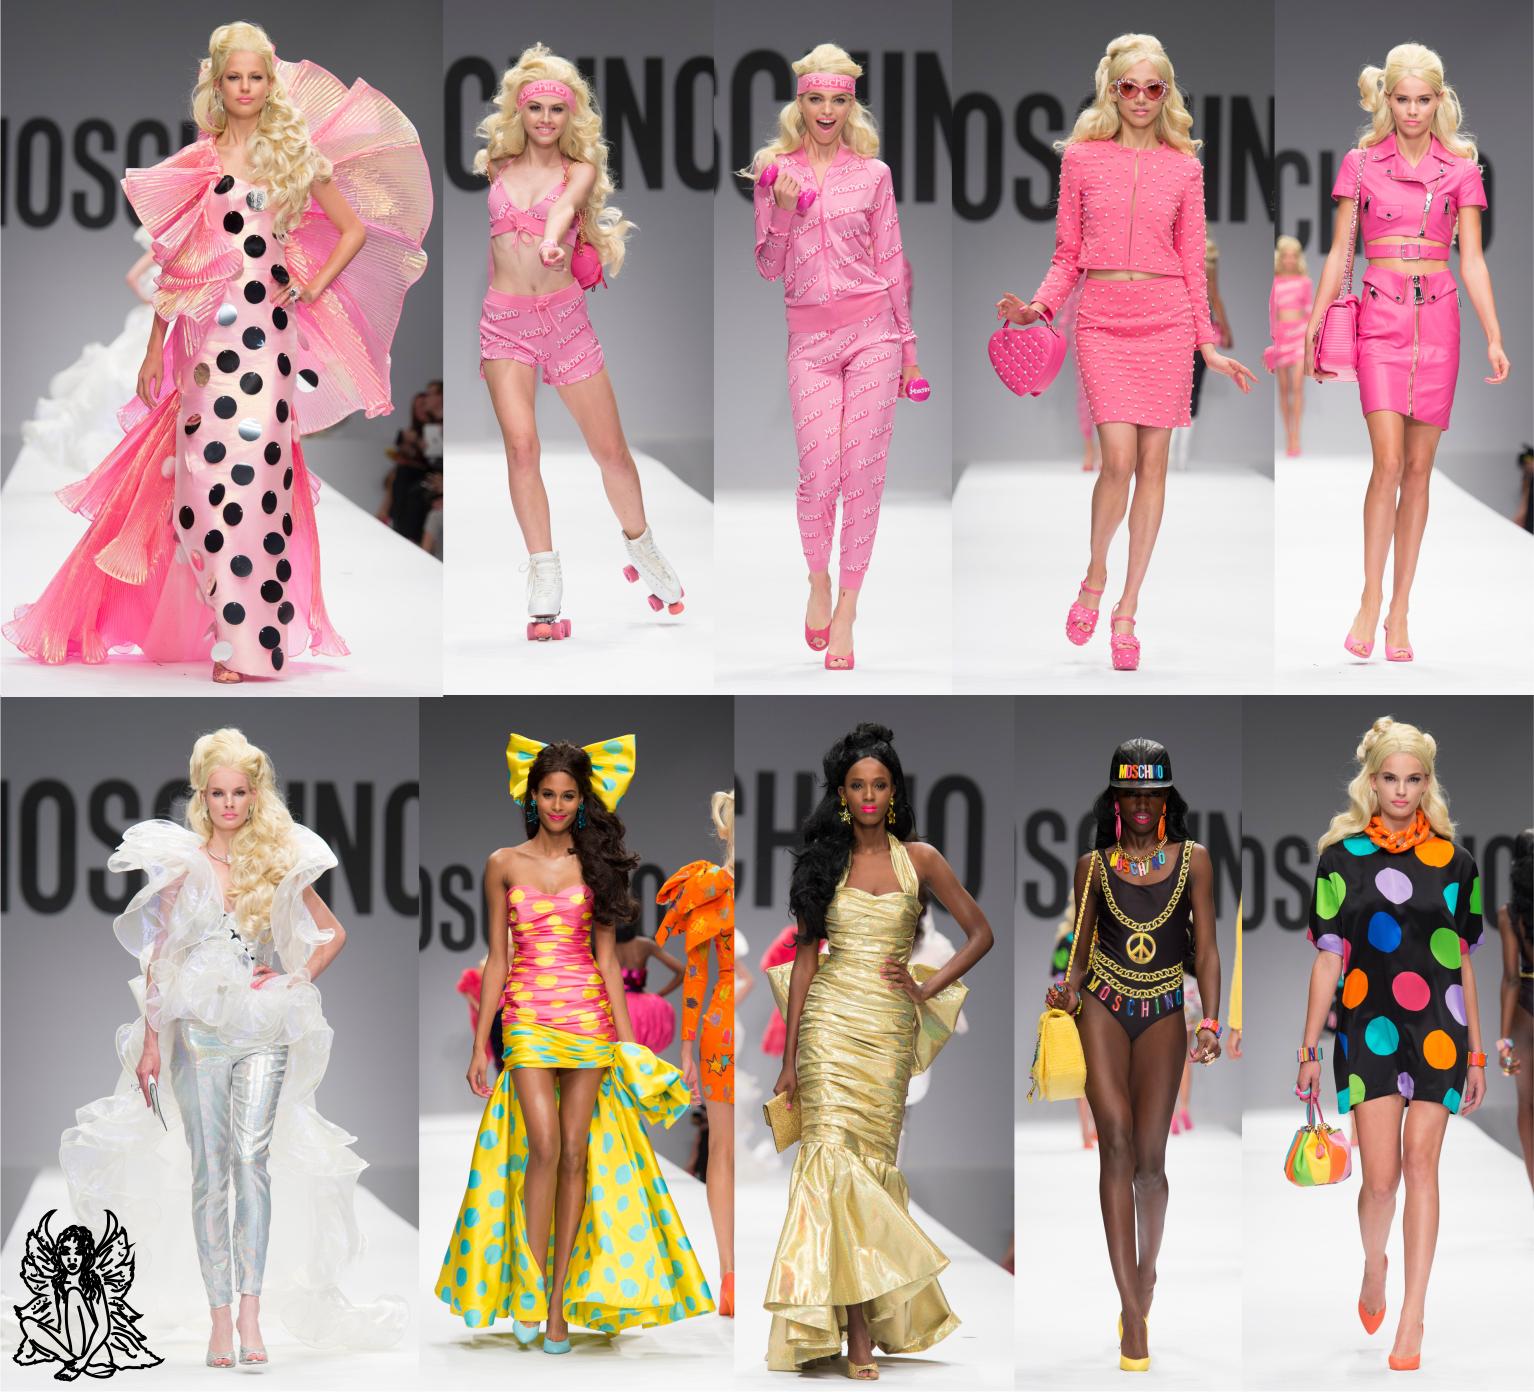 Nas semanas de moda, a Moschino sempre inova e apresenta coleções diferentes como a do inverno/2015, inspirada em redes de fast food. Para o verão/2015, a escolhida da vez foi a tao querida boneca Barbie, que inspirou não só os looks, como cabelos e acessórios. Confira algumas das criações:  #Moschino #Barbie #Pink #Rosa #Fashion #AndressaCastro #ModaFeminina